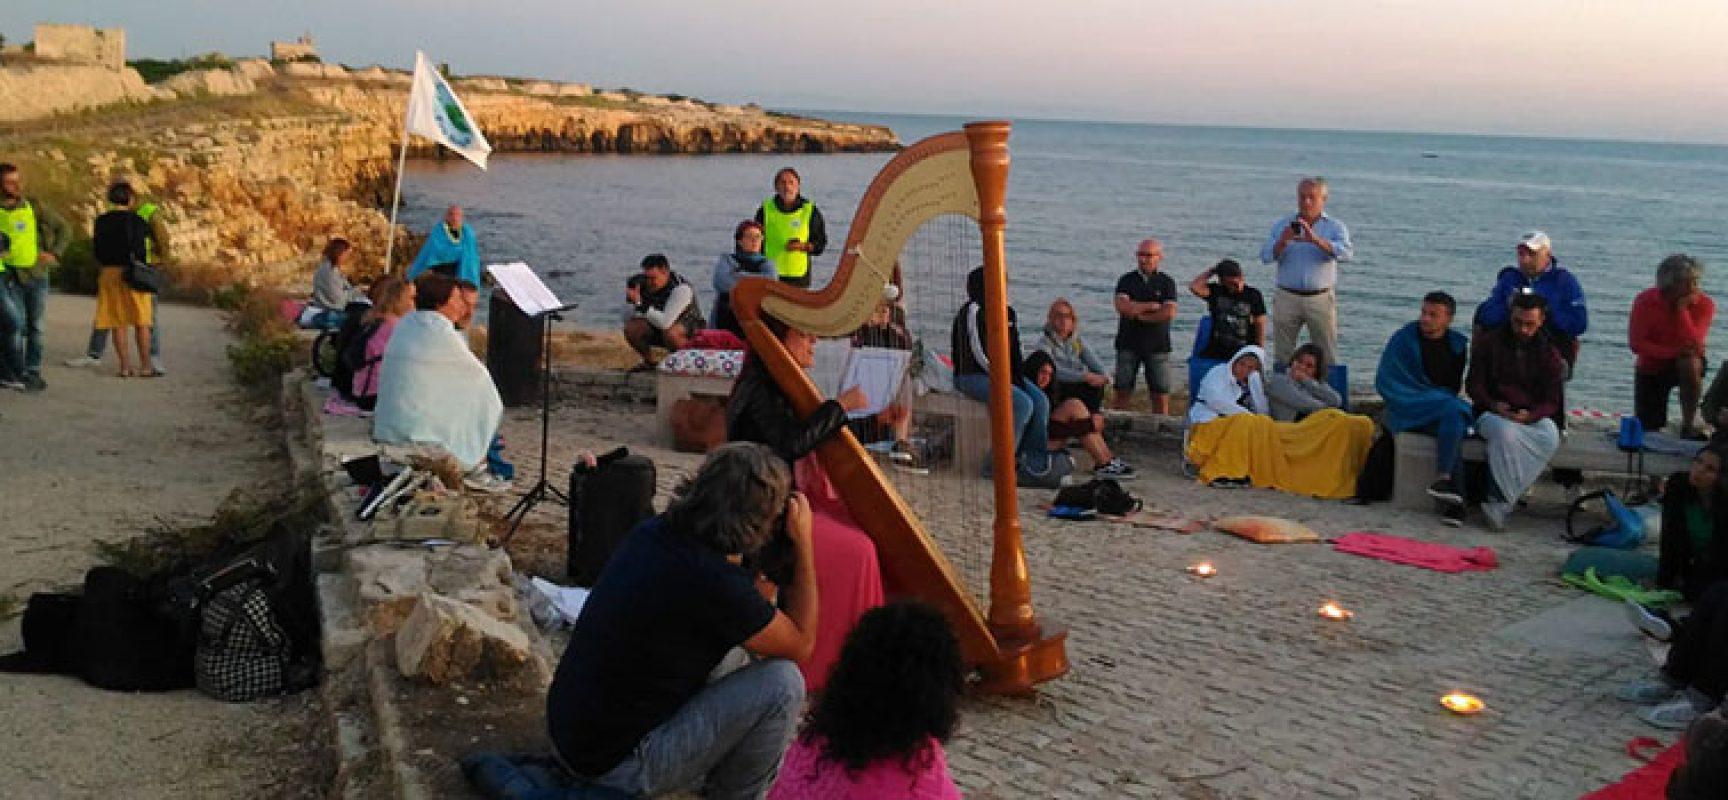 """Musica e natura all'alba, il mix vincente di """"Ripalta Sunrise"""" / FOTO"""